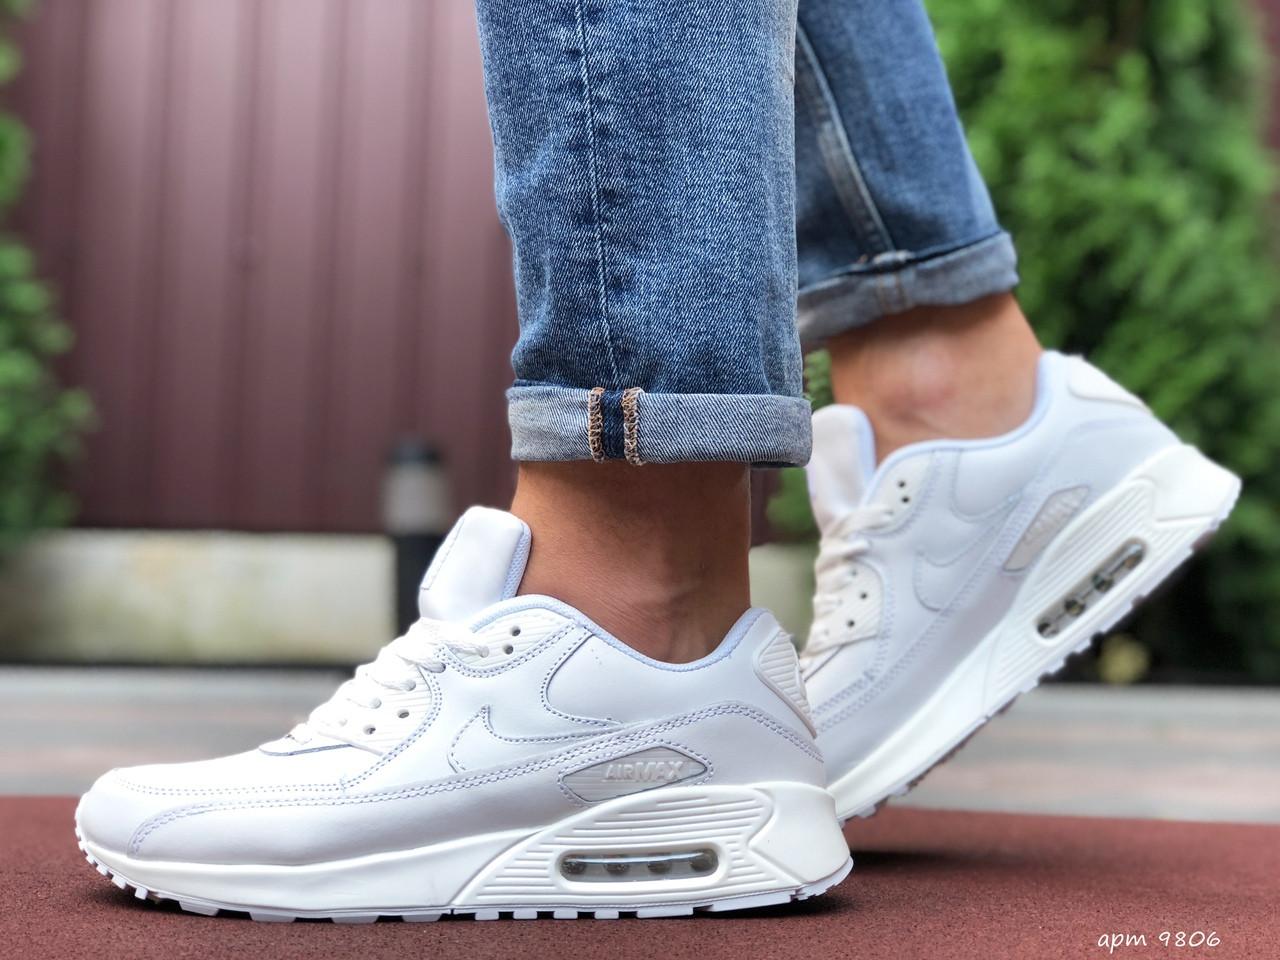 Чоловічі кросівки Nike Air Max 90 (білі) 9806